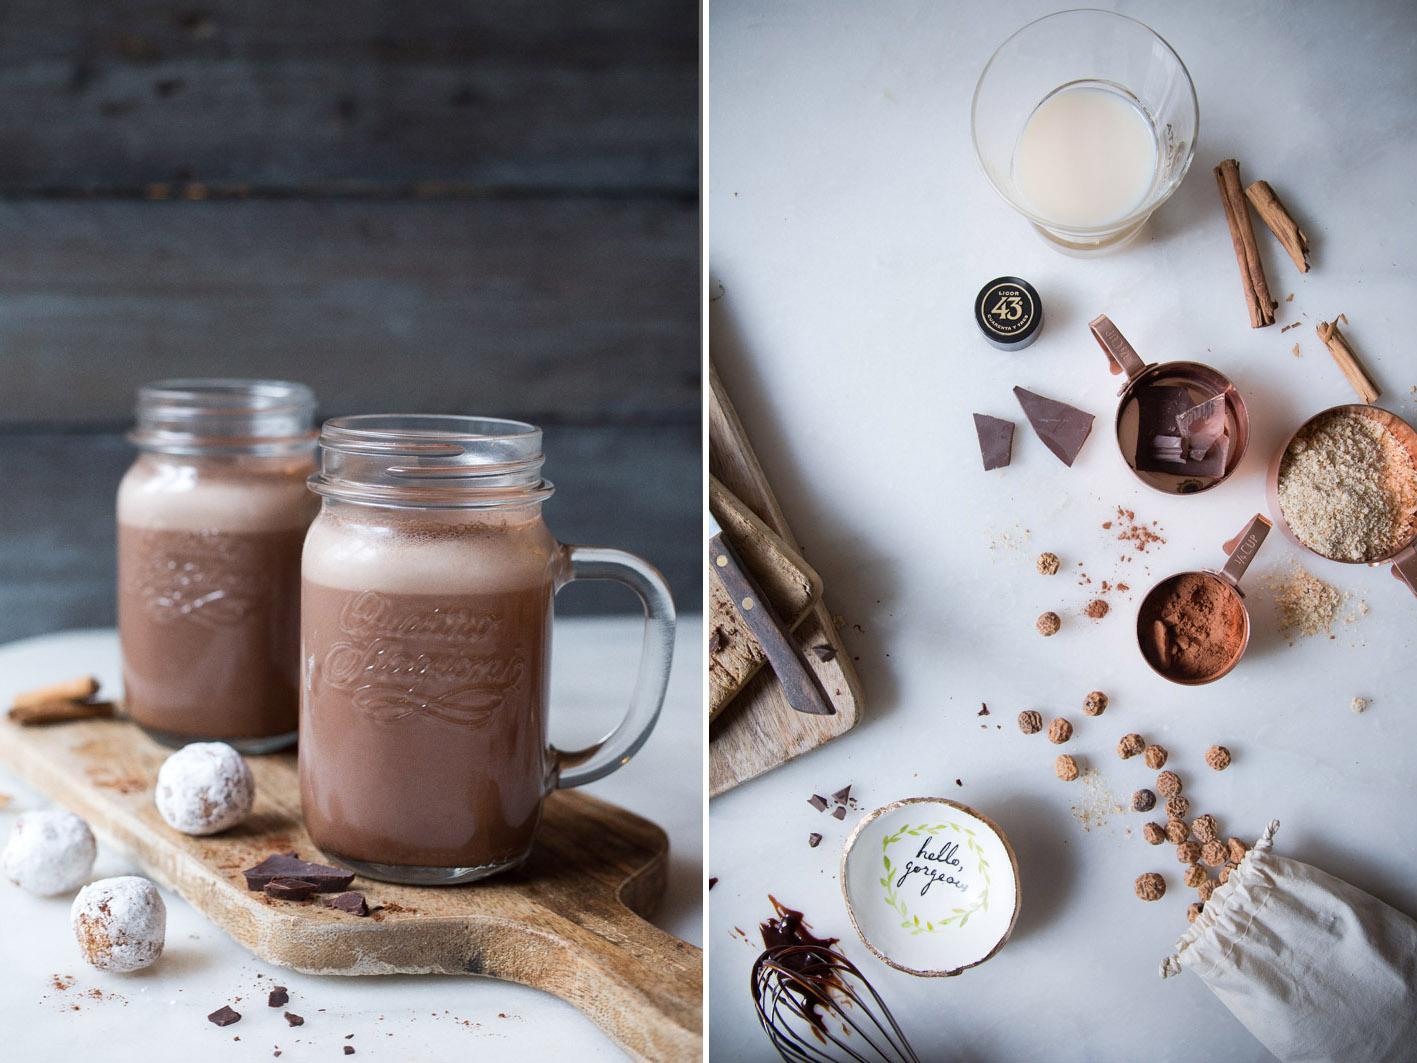 kakao mit schuss